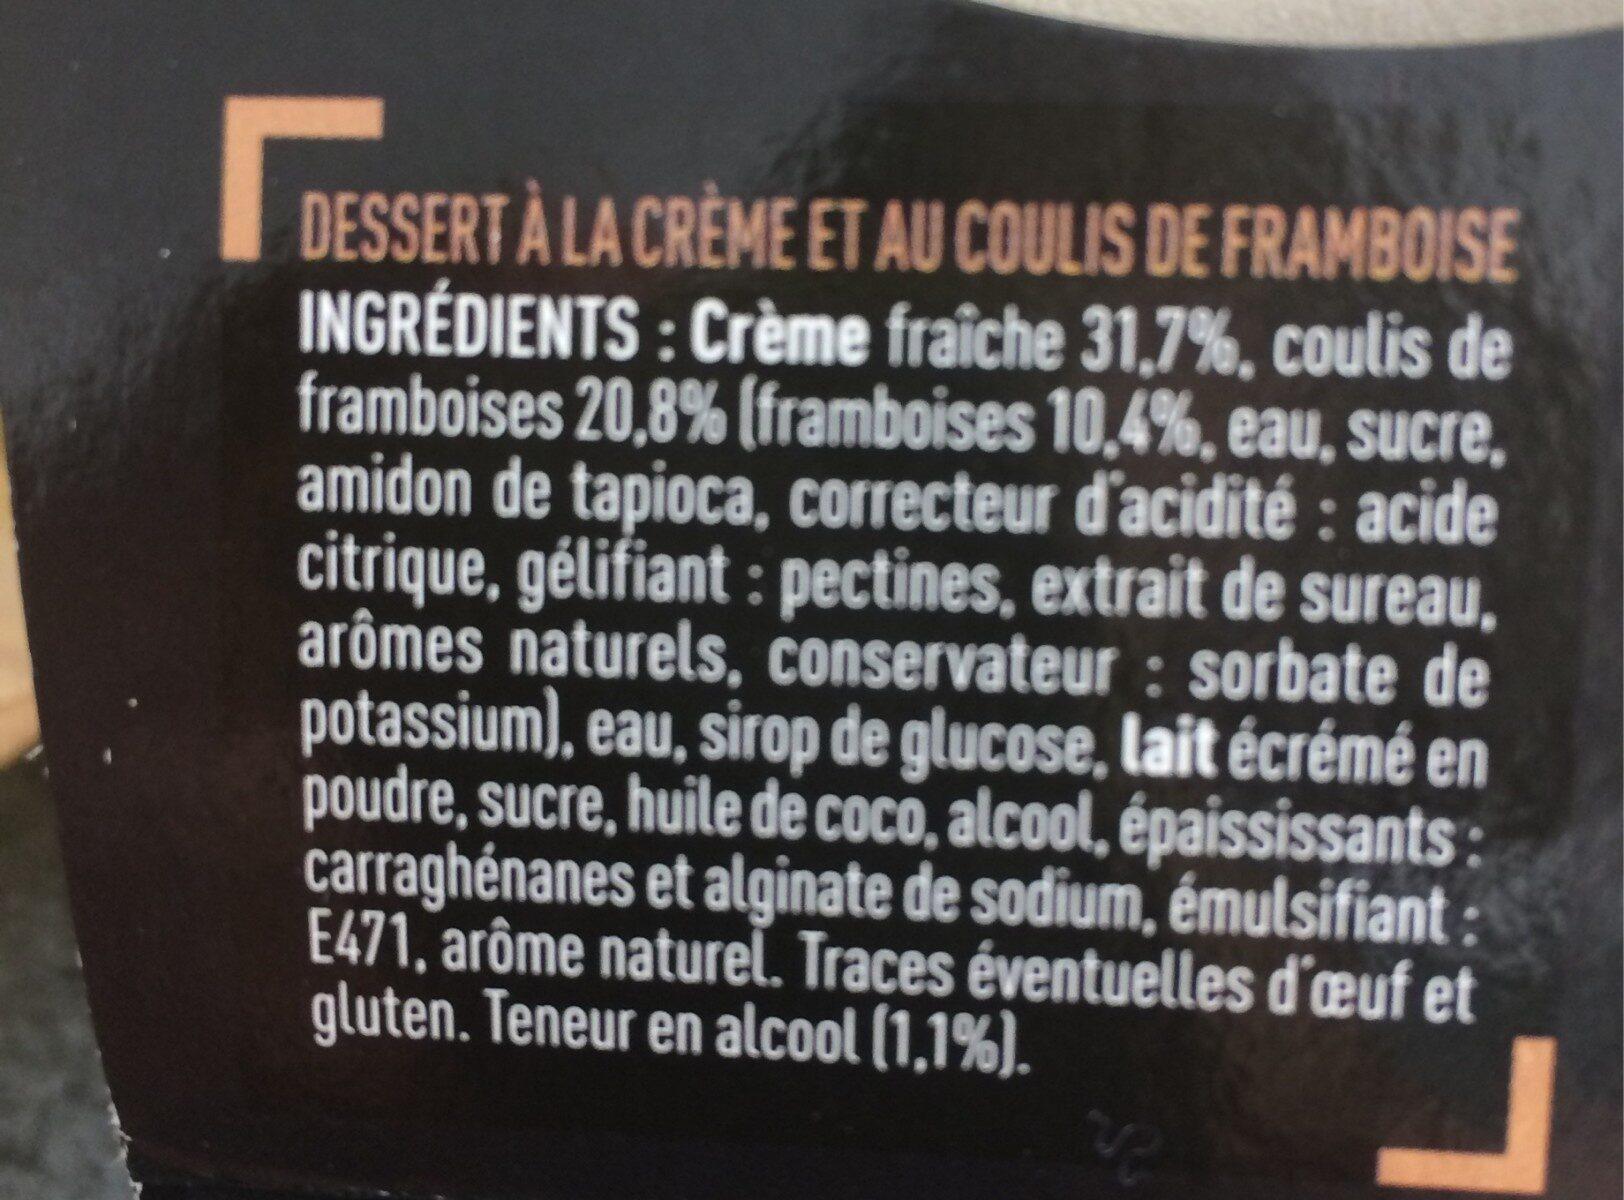 Panna cotta framboise délicat coulis de fruit - Ingredients - fr